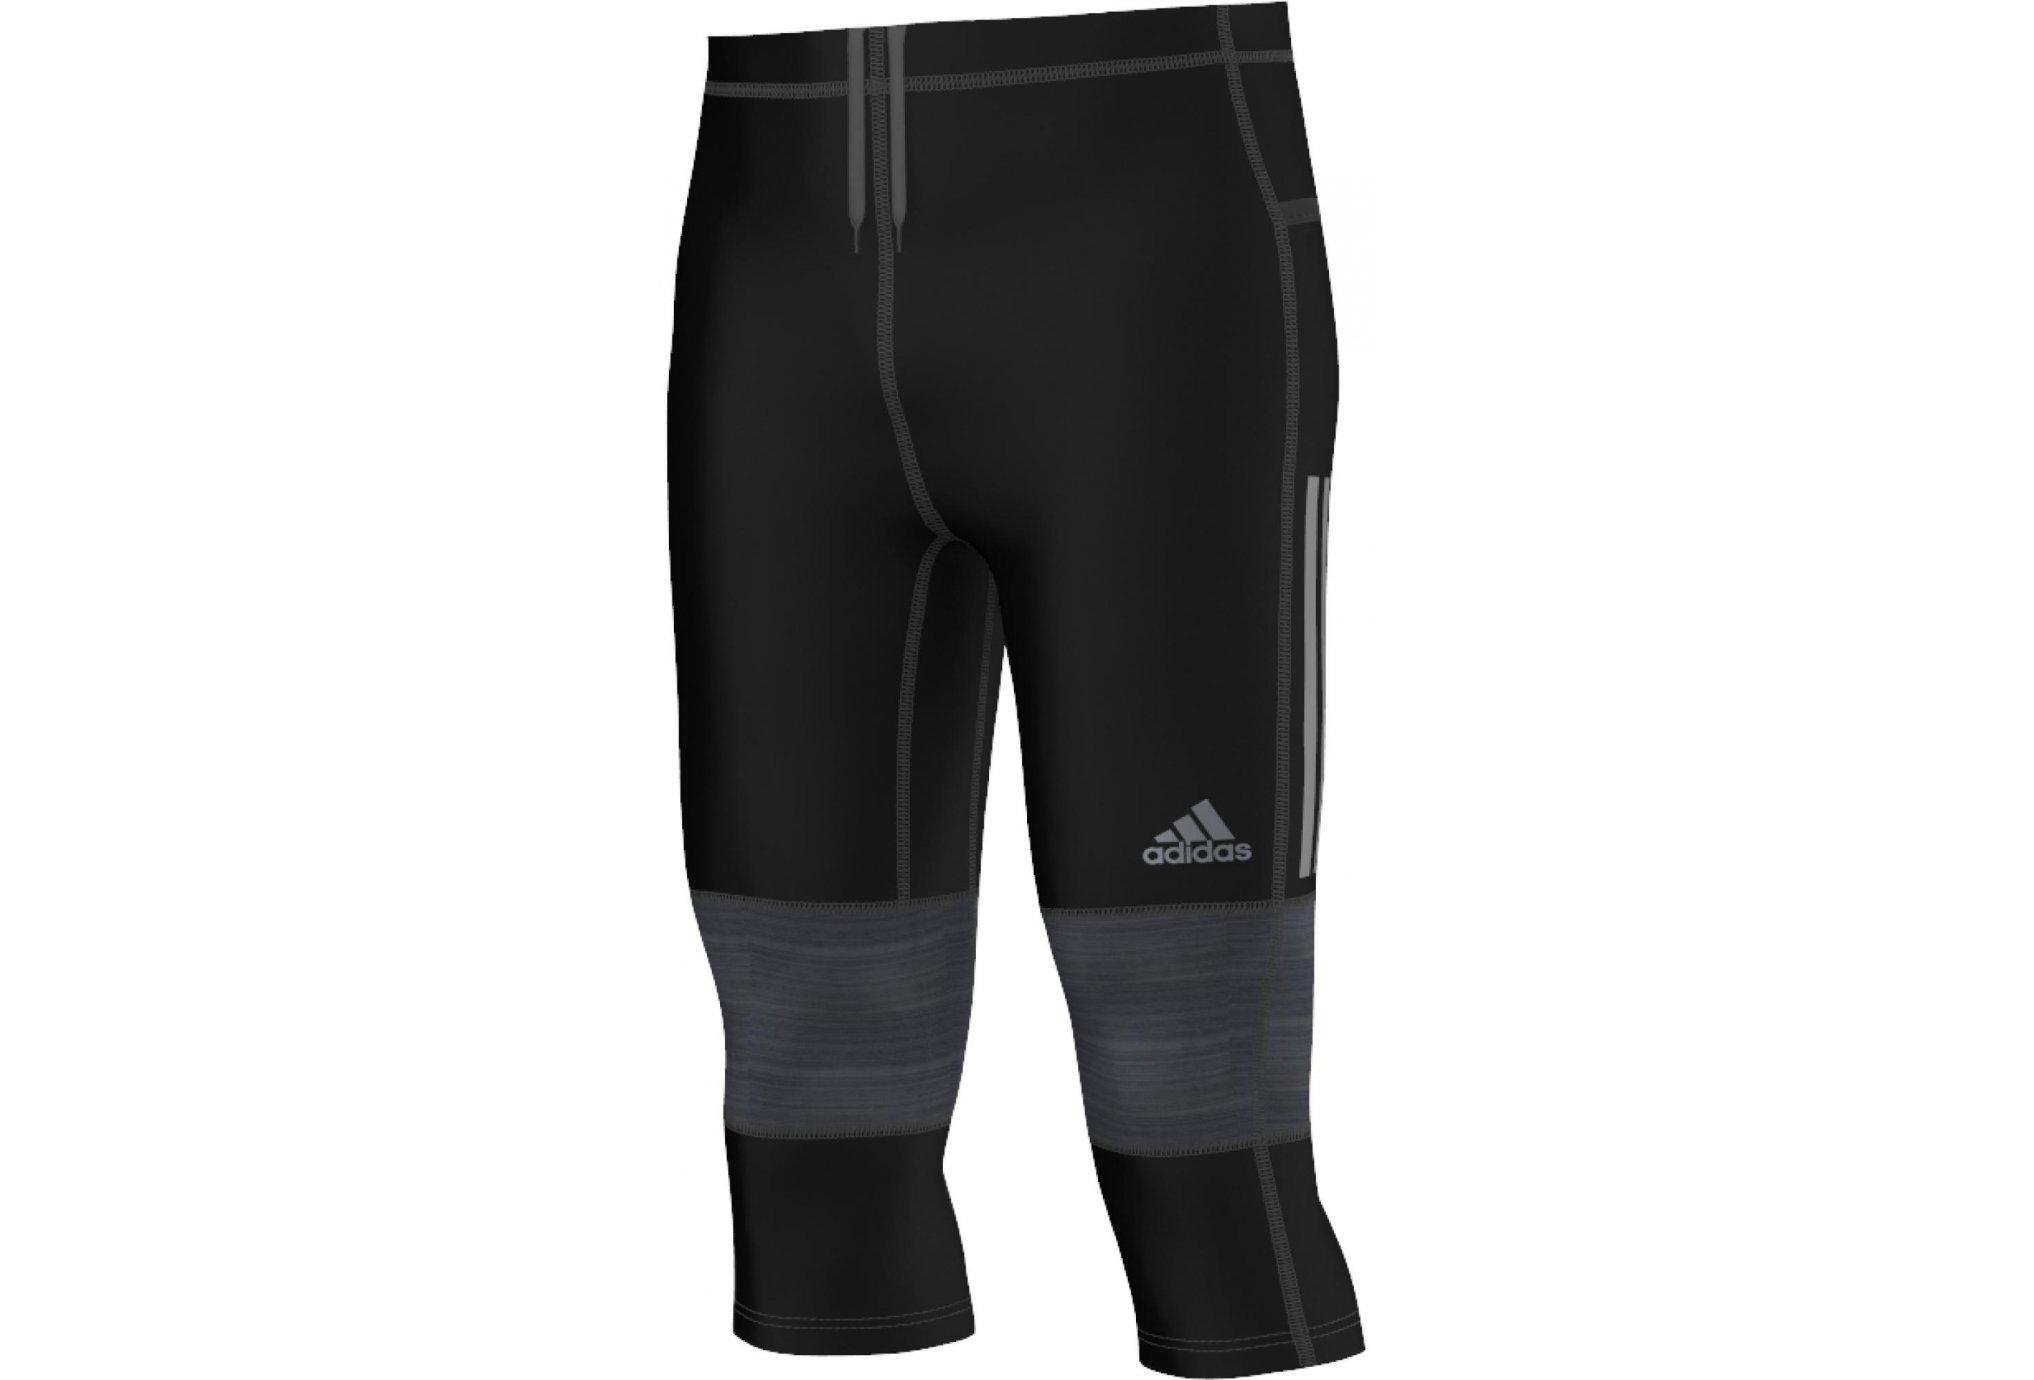 Adidas Collant 3/4 supernova m diététique vêtements homme